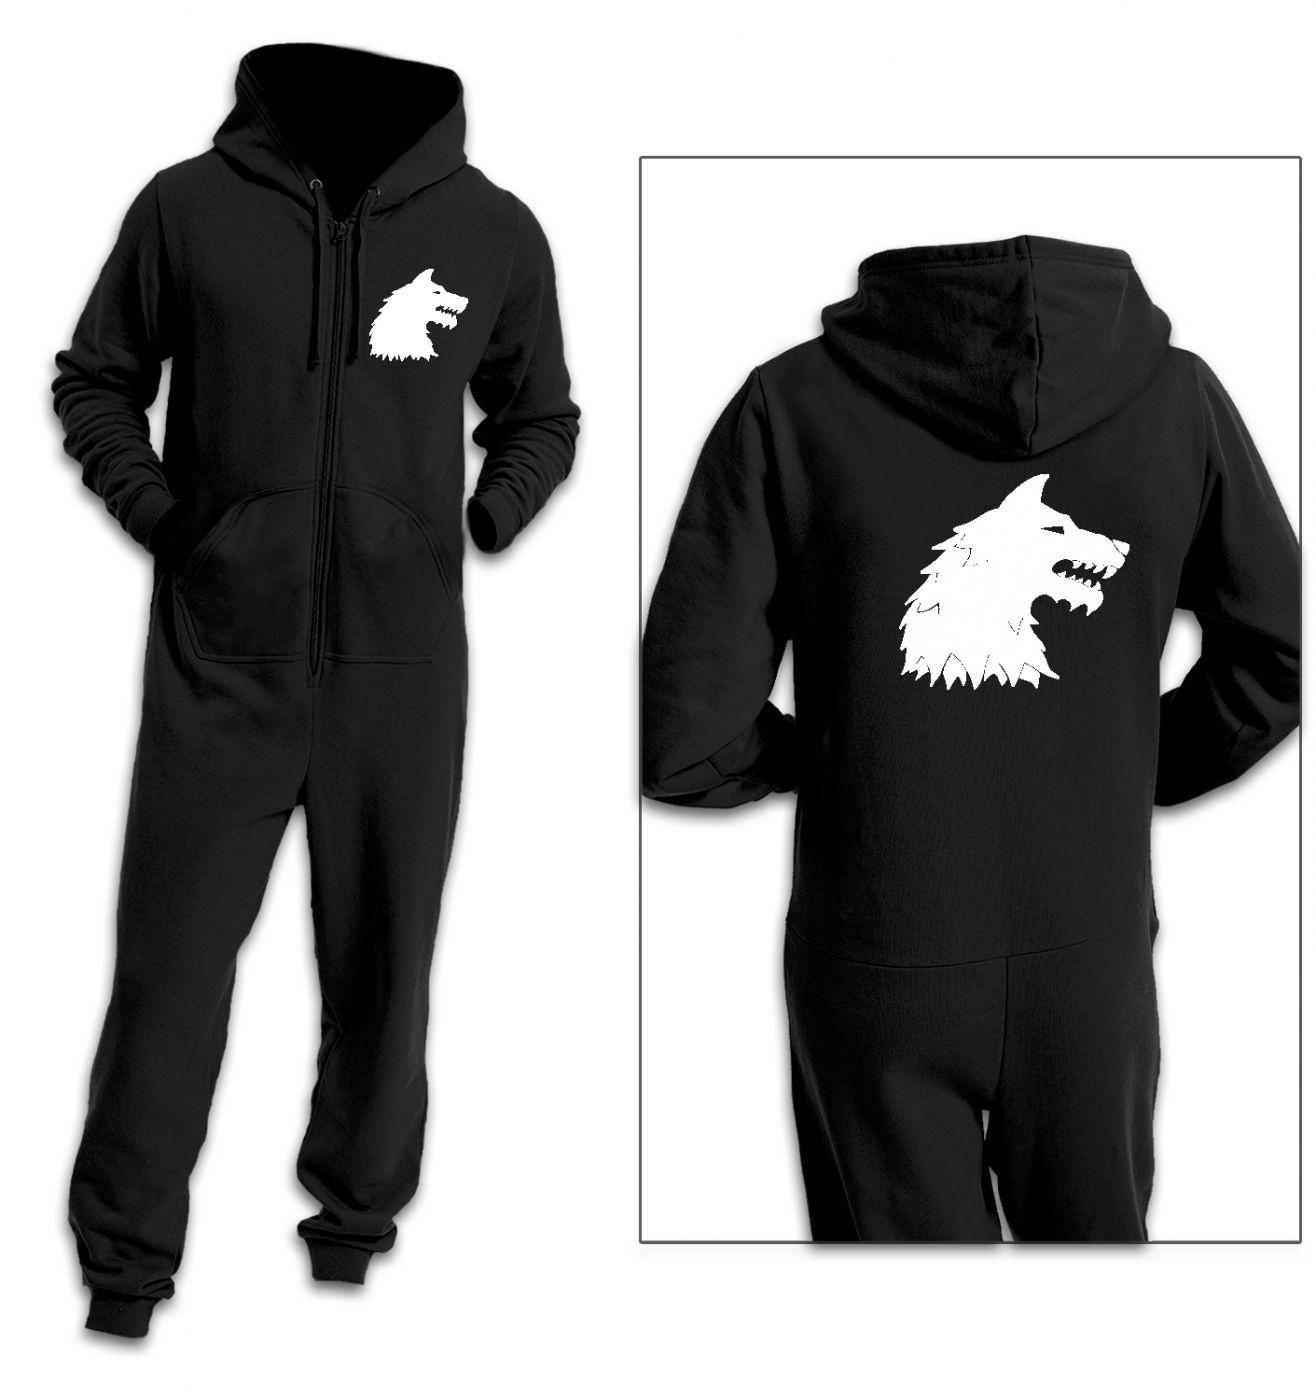 Direwolf adult premium warm onesie